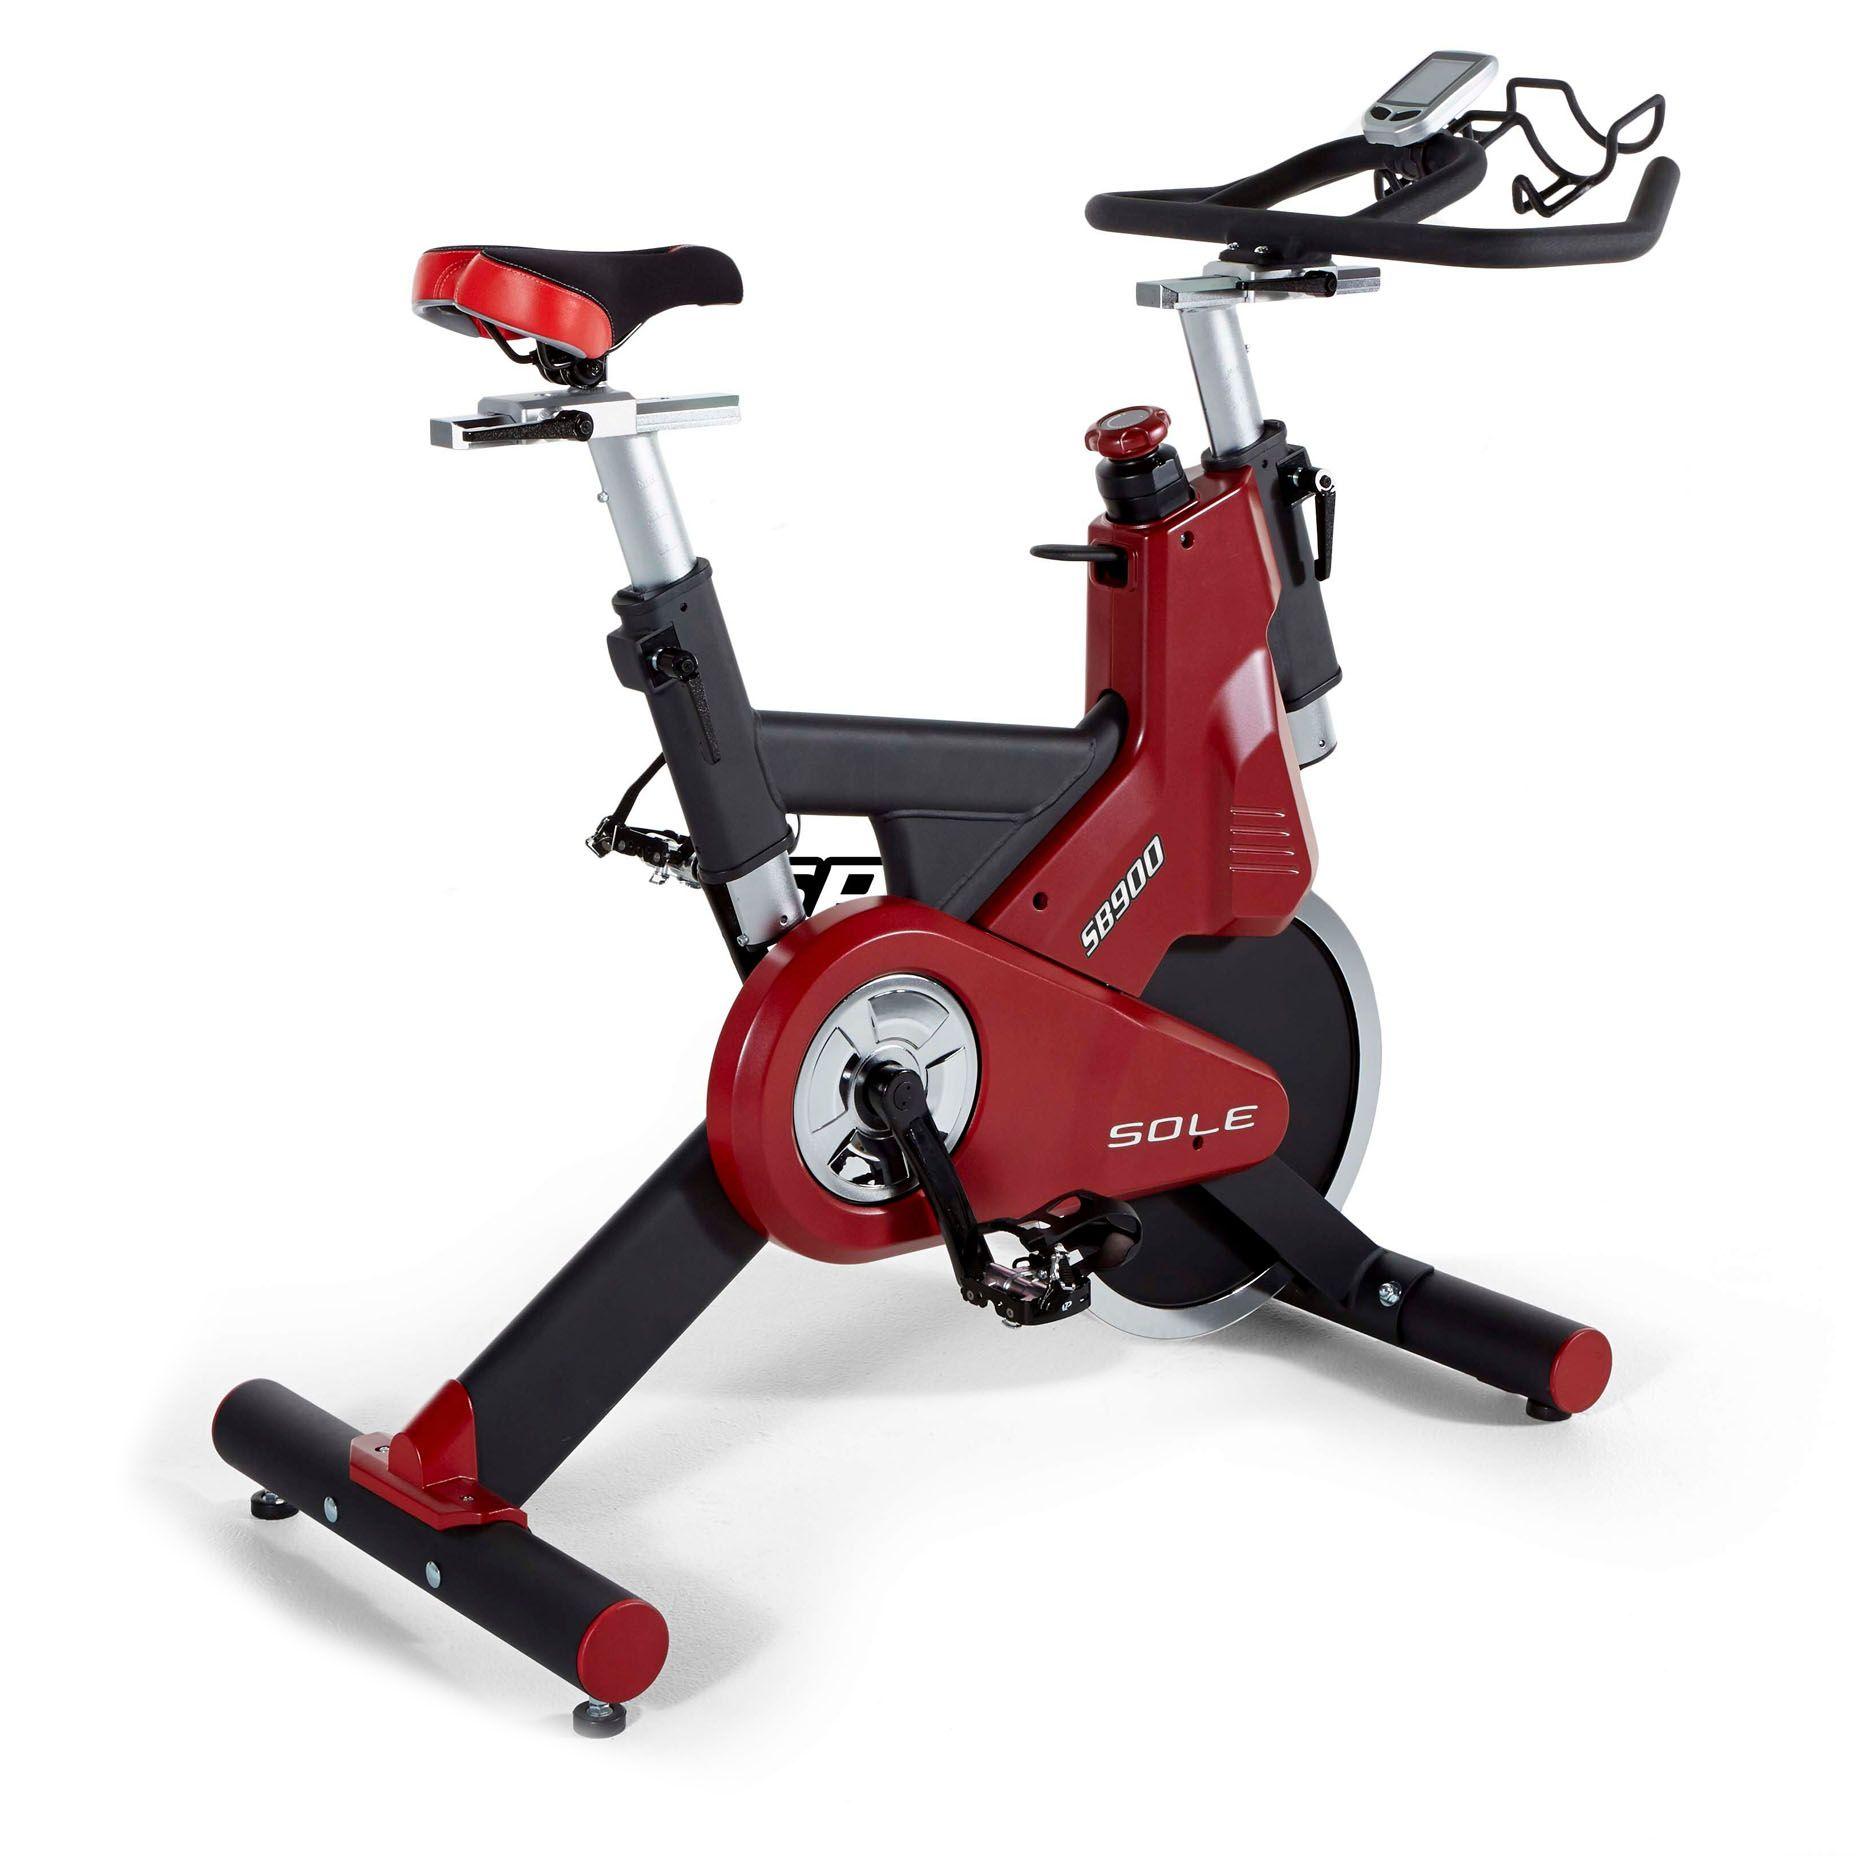 Sole SB900 Indoor Cycle - Sweatband.com